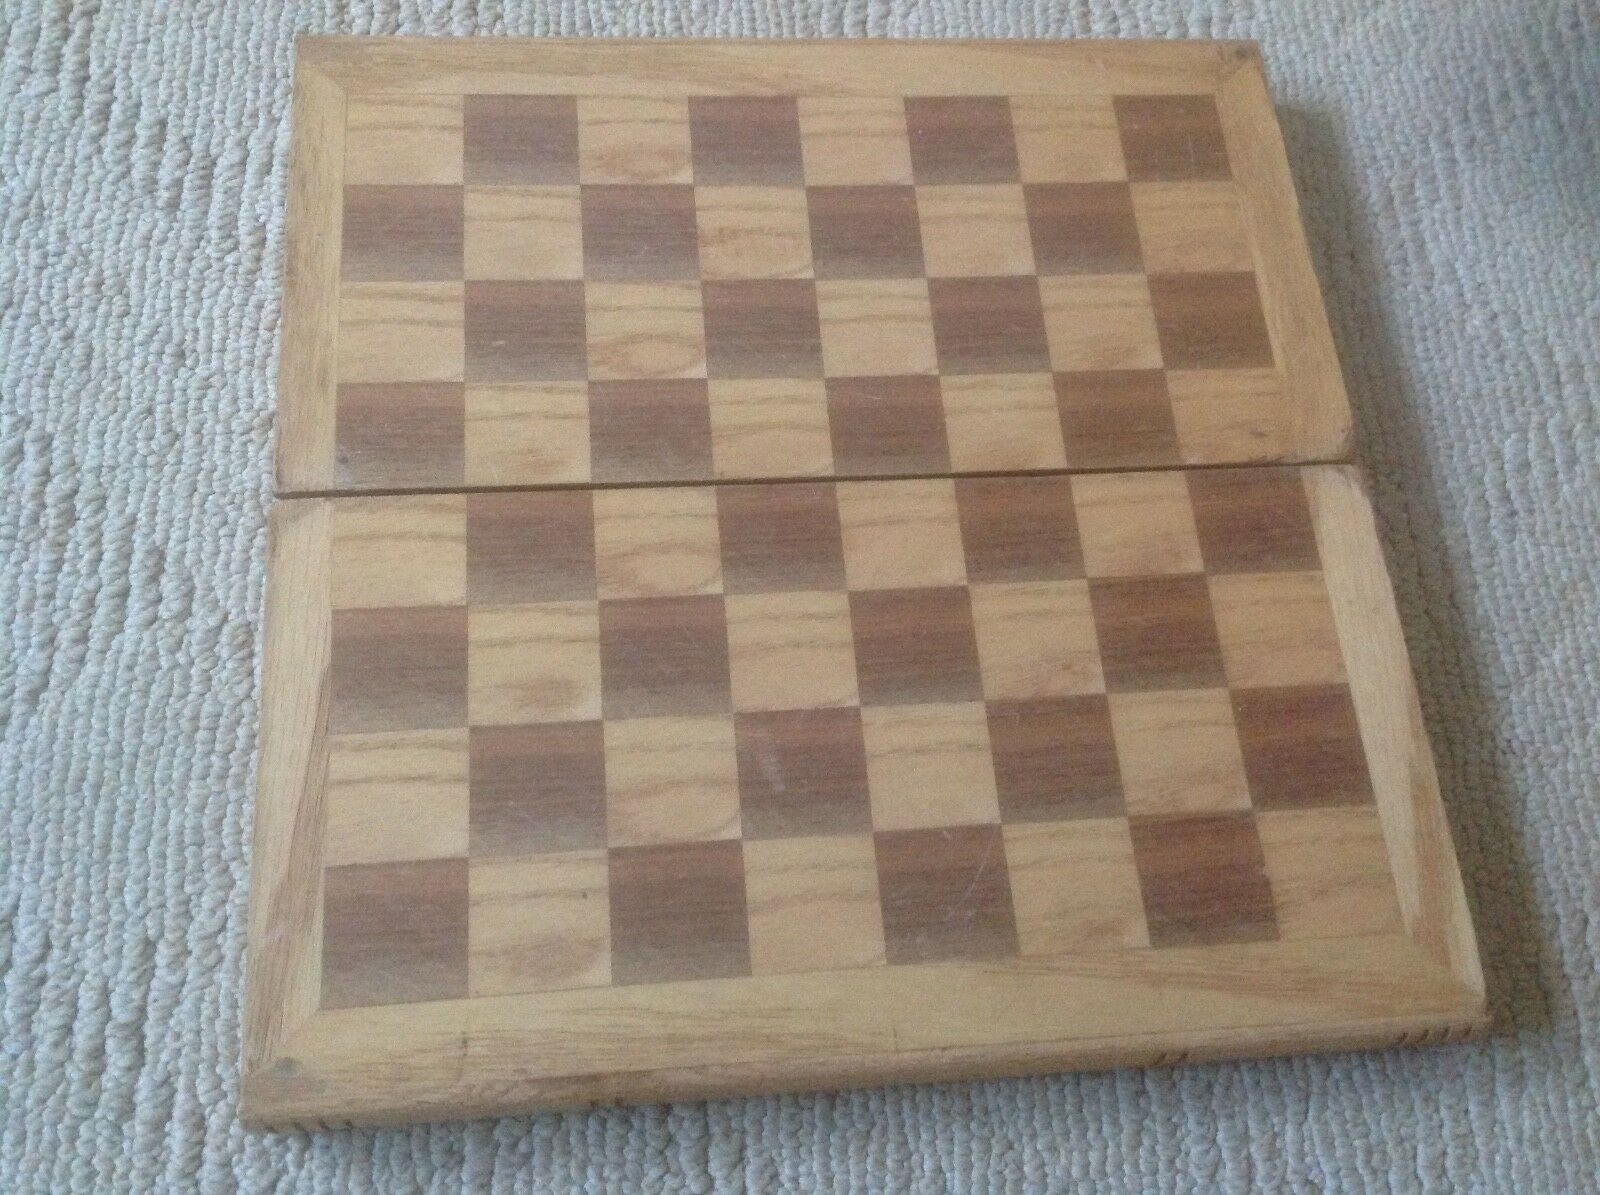 Ancienne Vintage en Bois Pièces d'échecs jeu complet + étui  sculpté à la main Smithsonian Drueke  différentes tailles